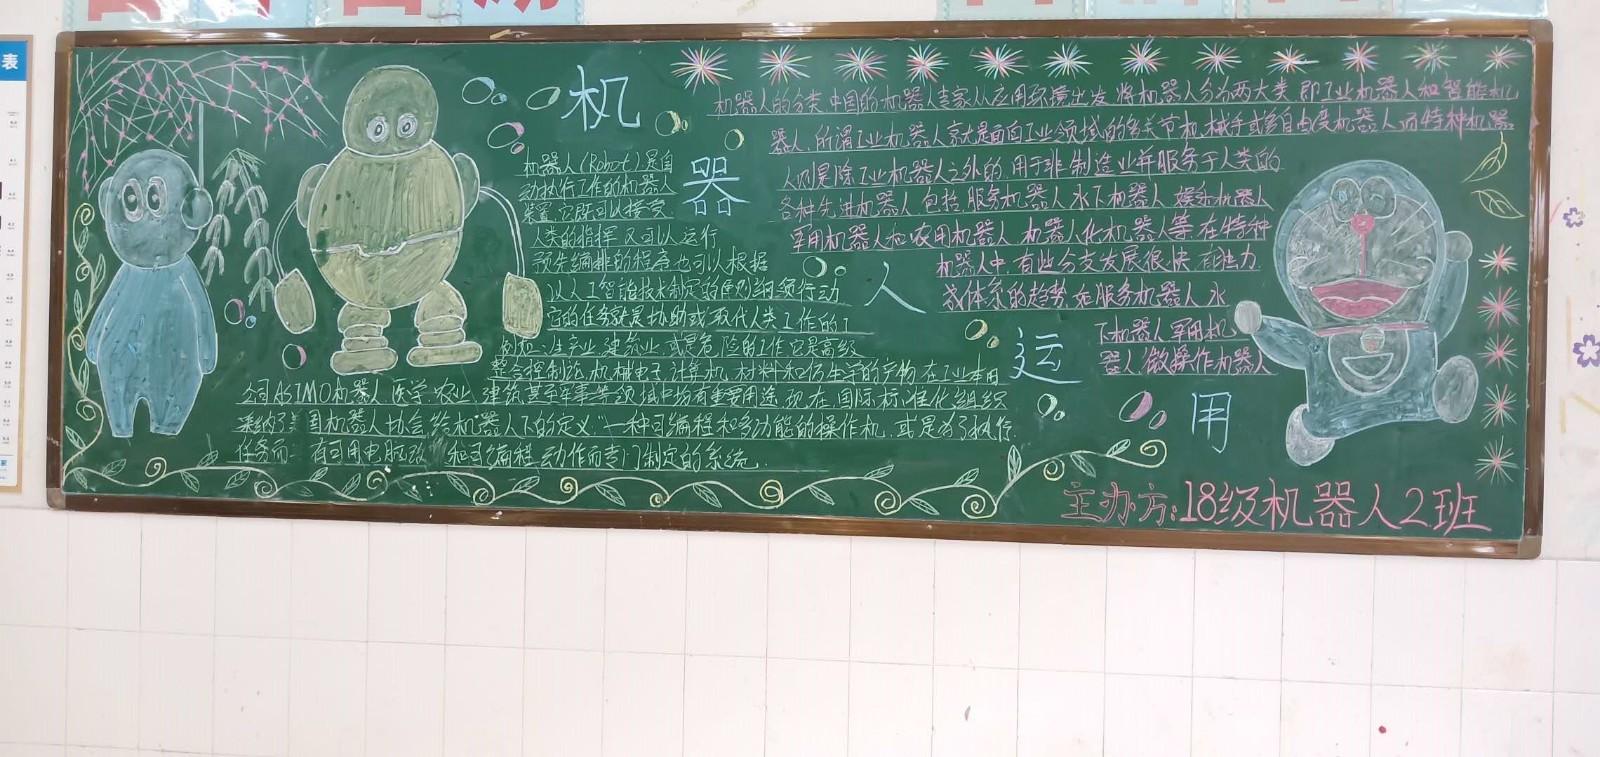 19016四川省会理现代职业技术学校——2019年天发文化杯(黑板报部门)-2